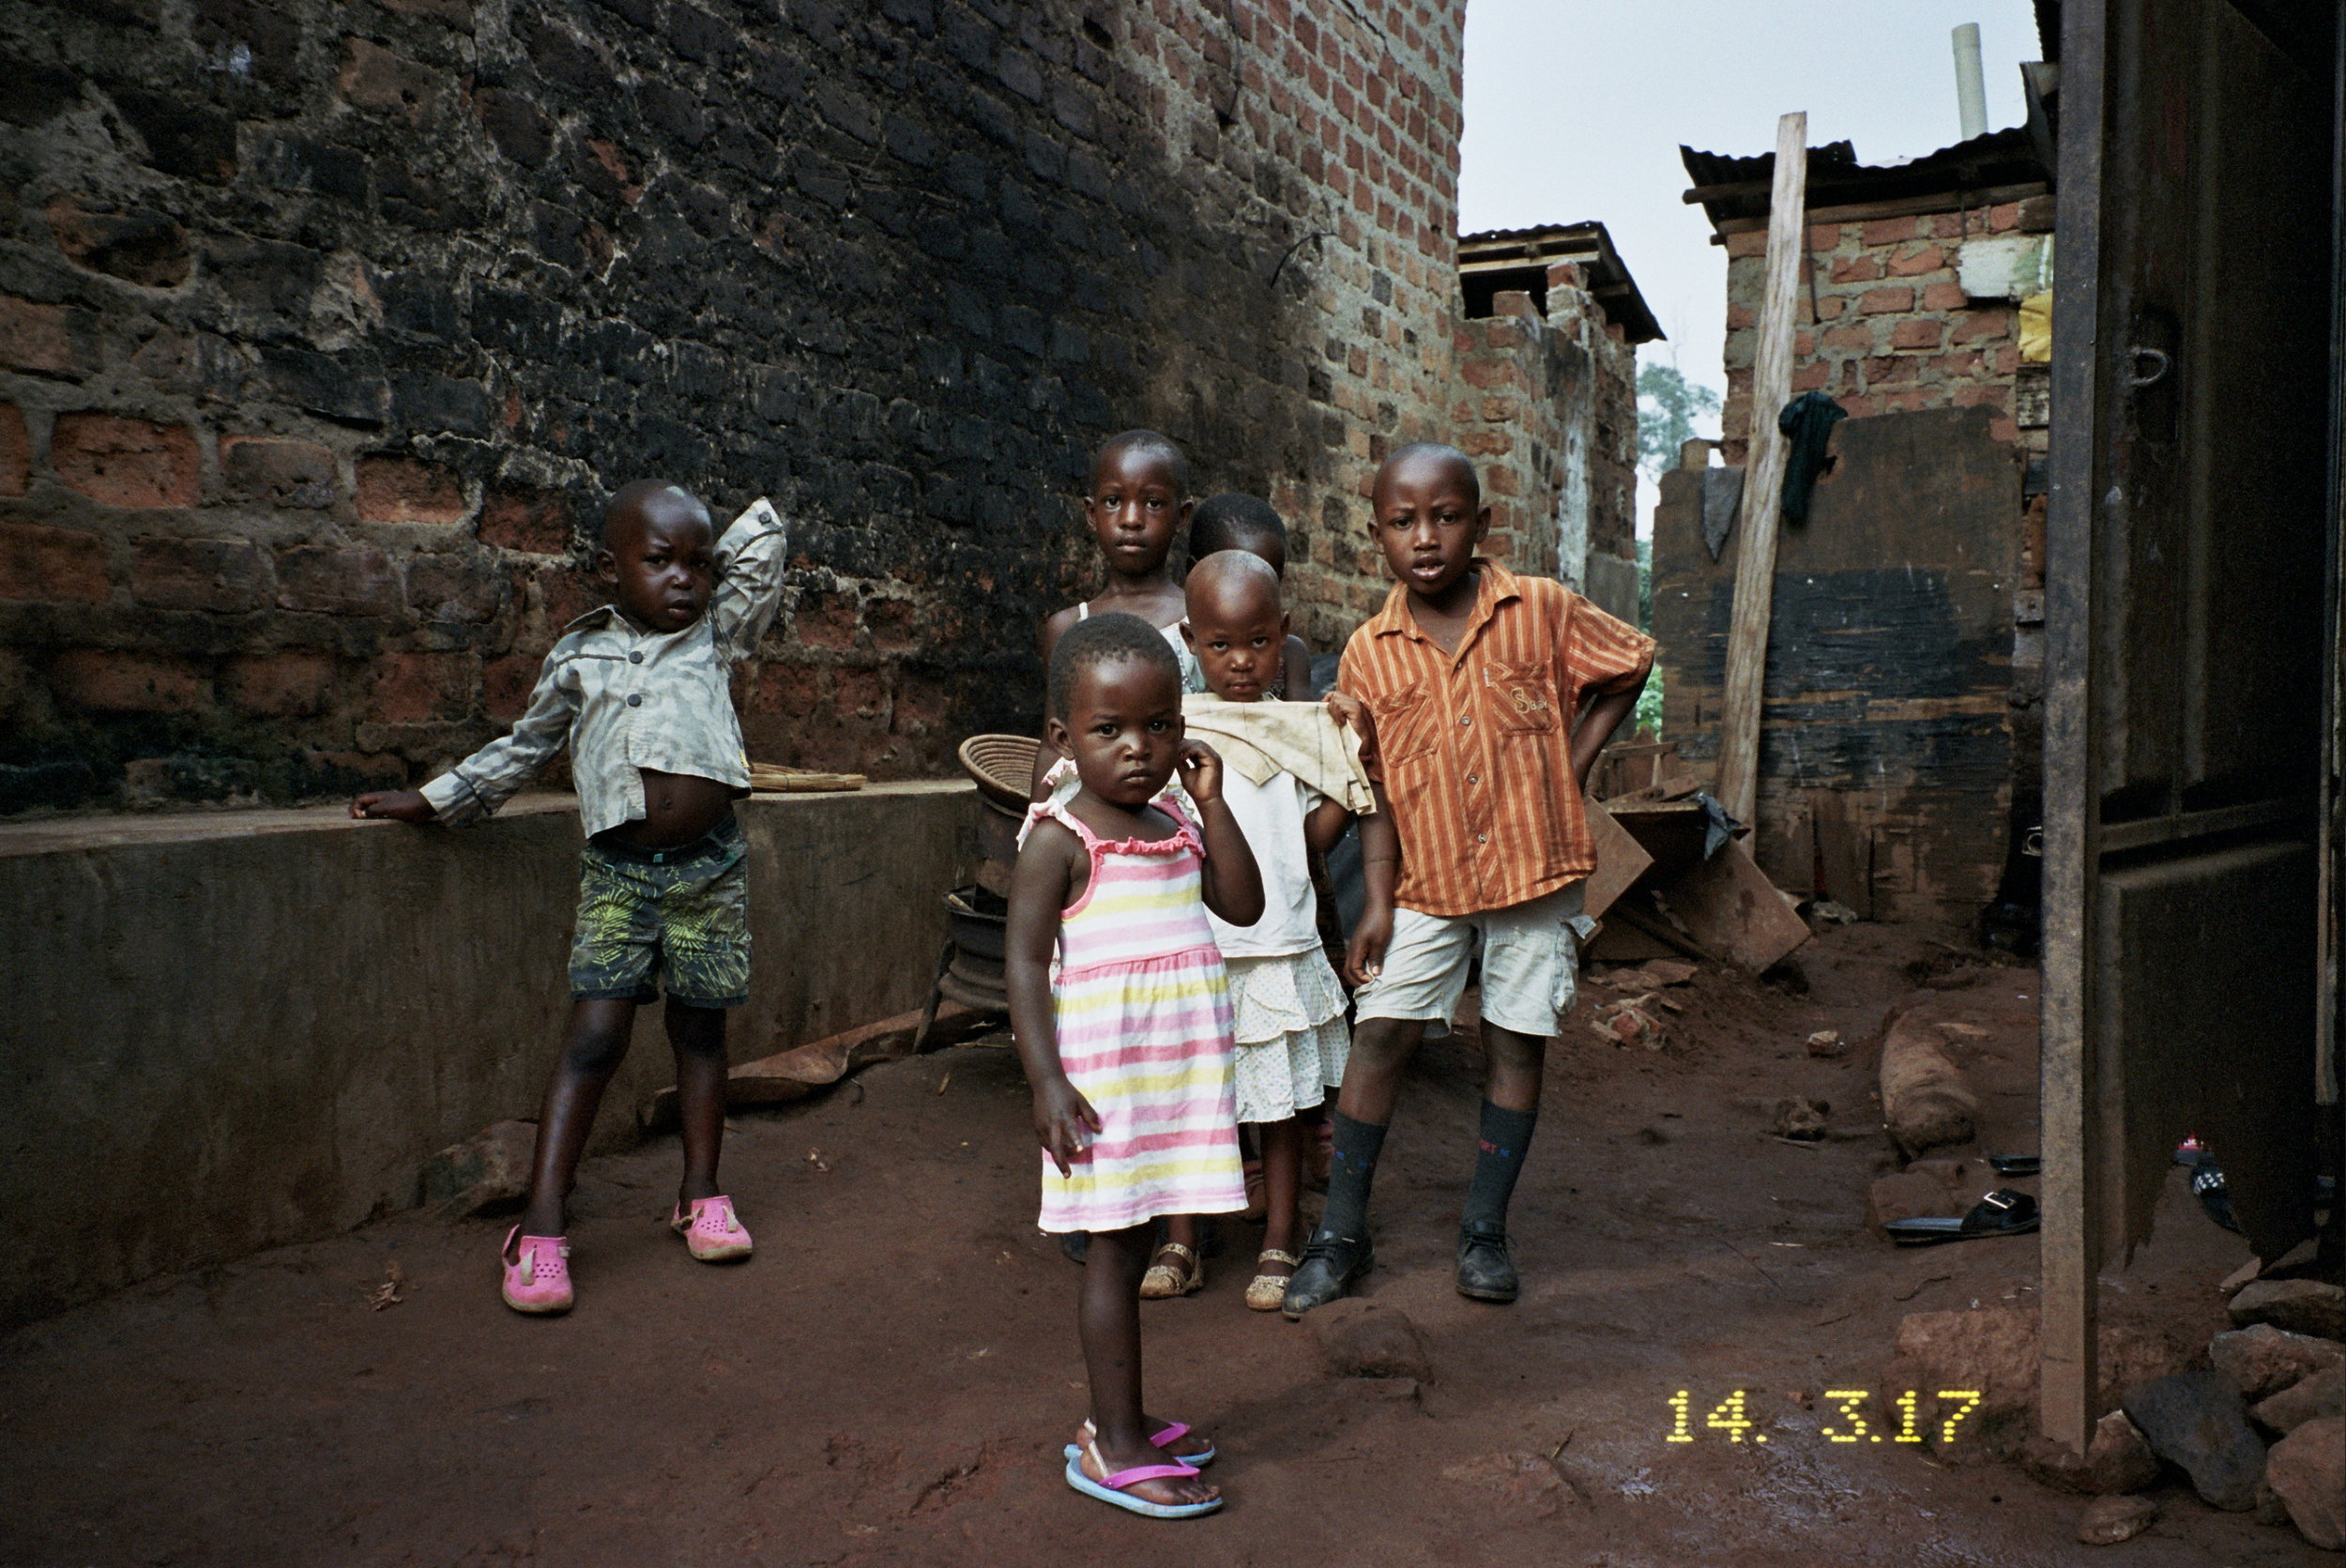 Entebbe, Uganda